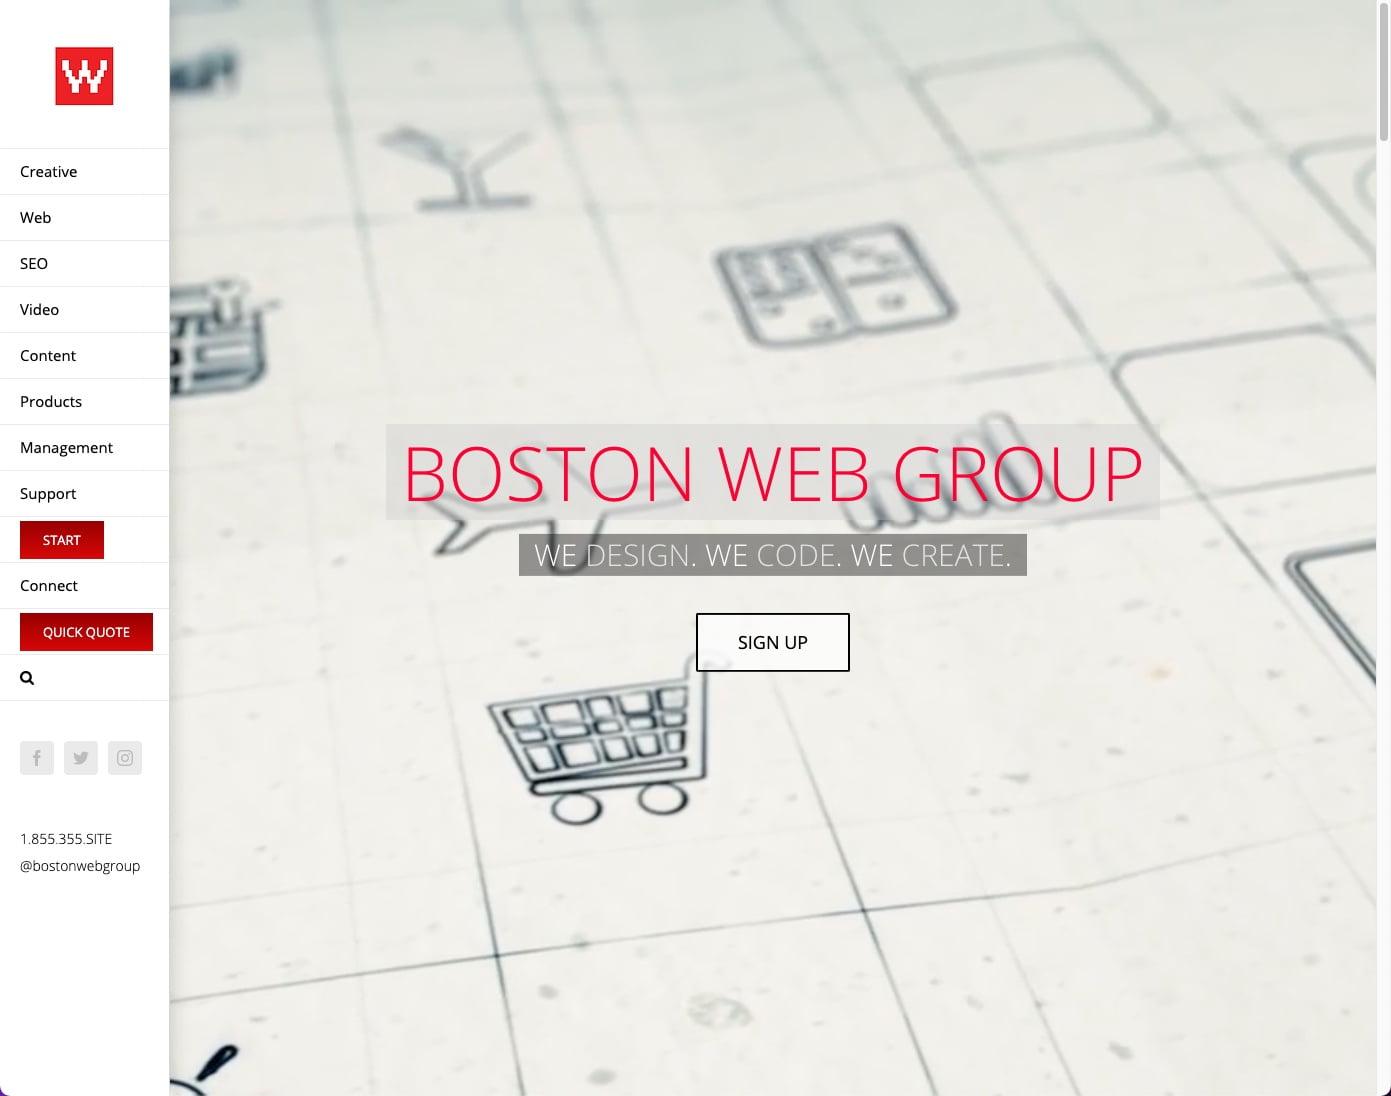 Boston Web Group